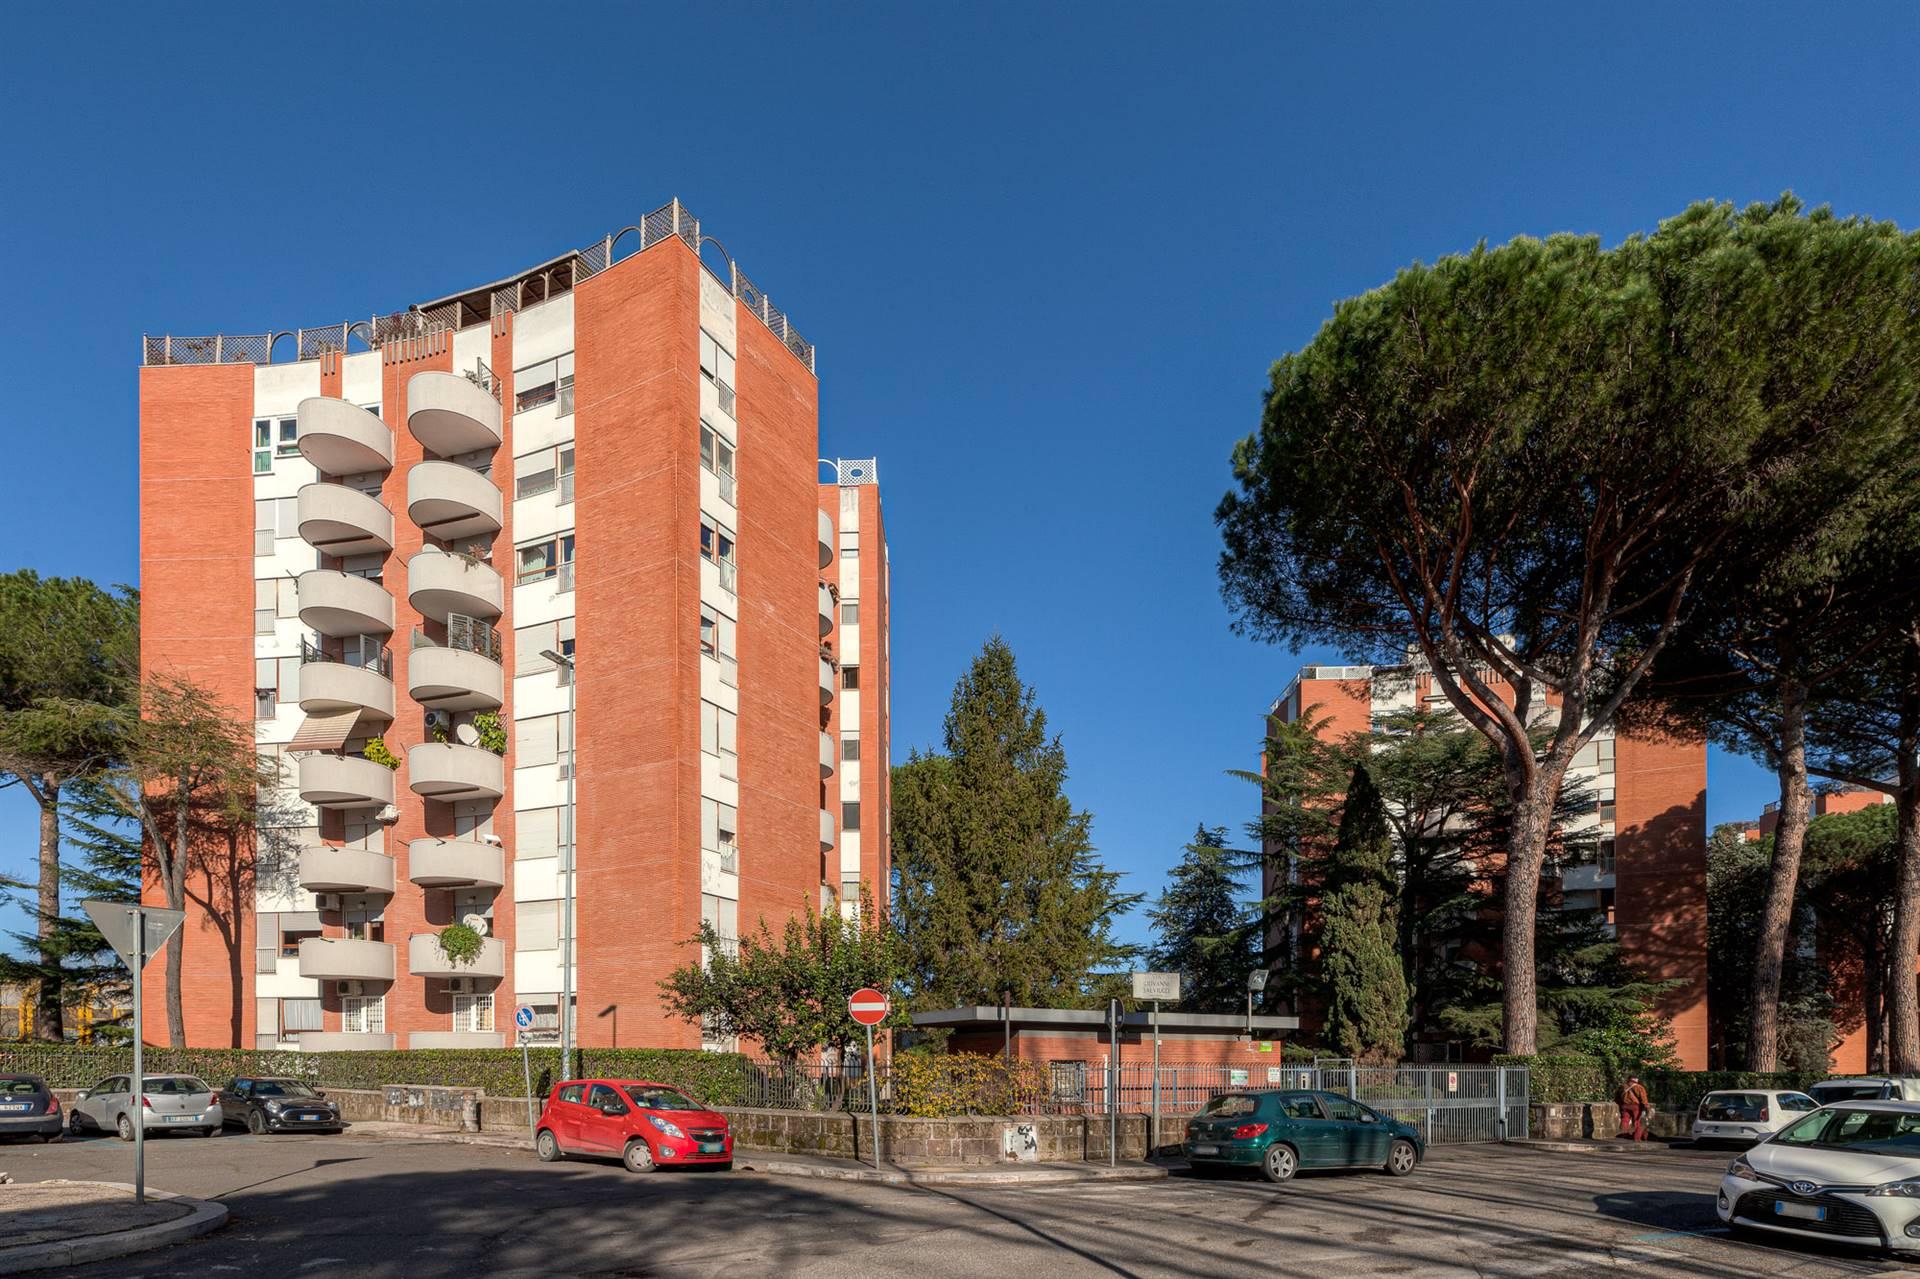 Appartamento in vendita a Roma, 5 locali, zona Zona: 6 . Nuovo Salario, Prati Fiscali, Tufello, Conca d'Oro, Città giardino, prezzo € 735.000 | CambioCasa.it